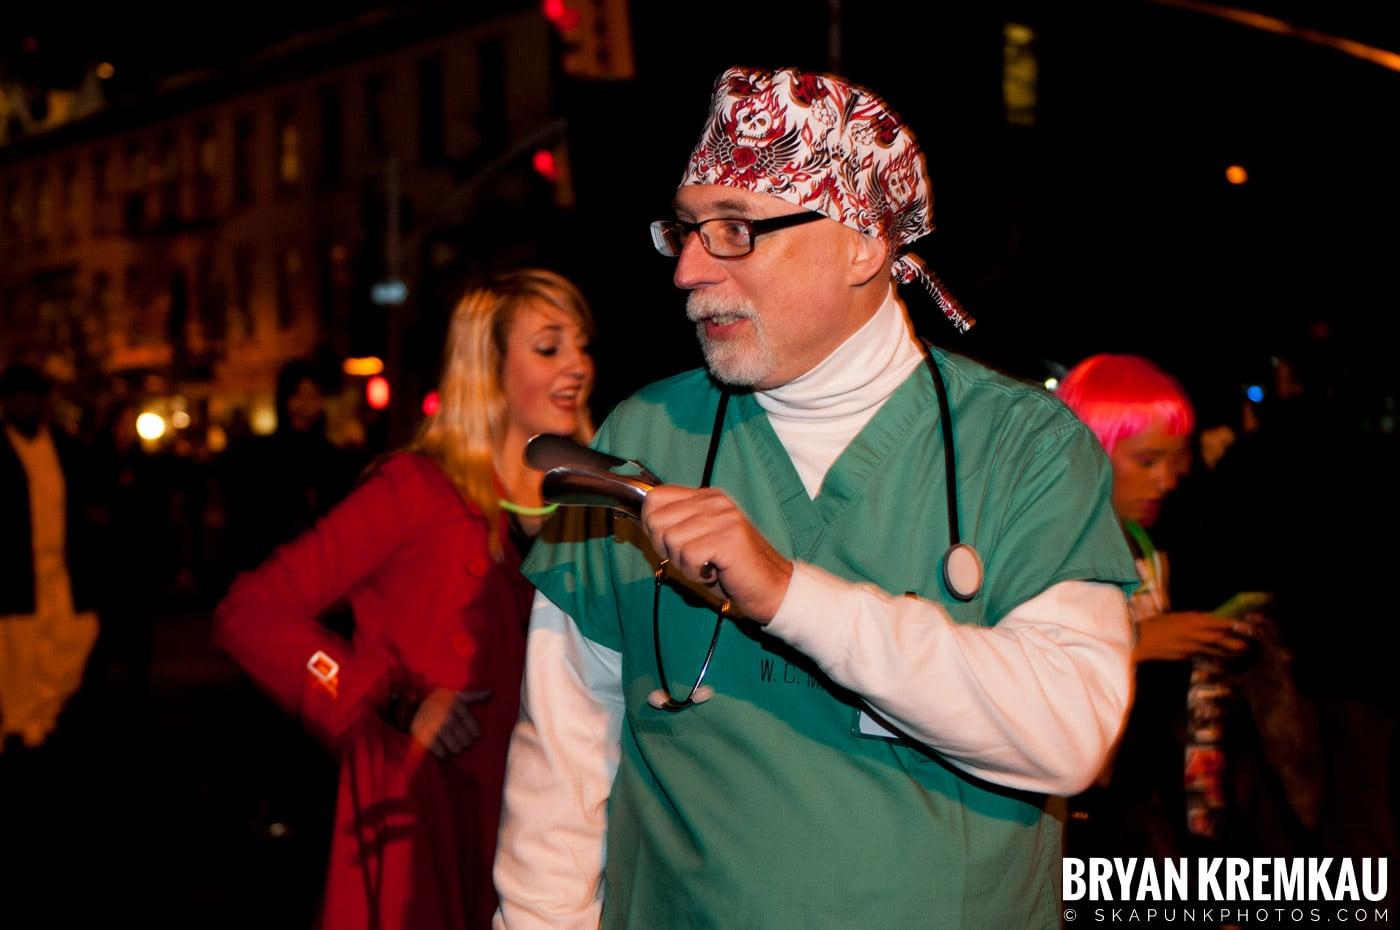 NYC Halloween Parade 2011 @ New York, NY - 10.31.11 (41)